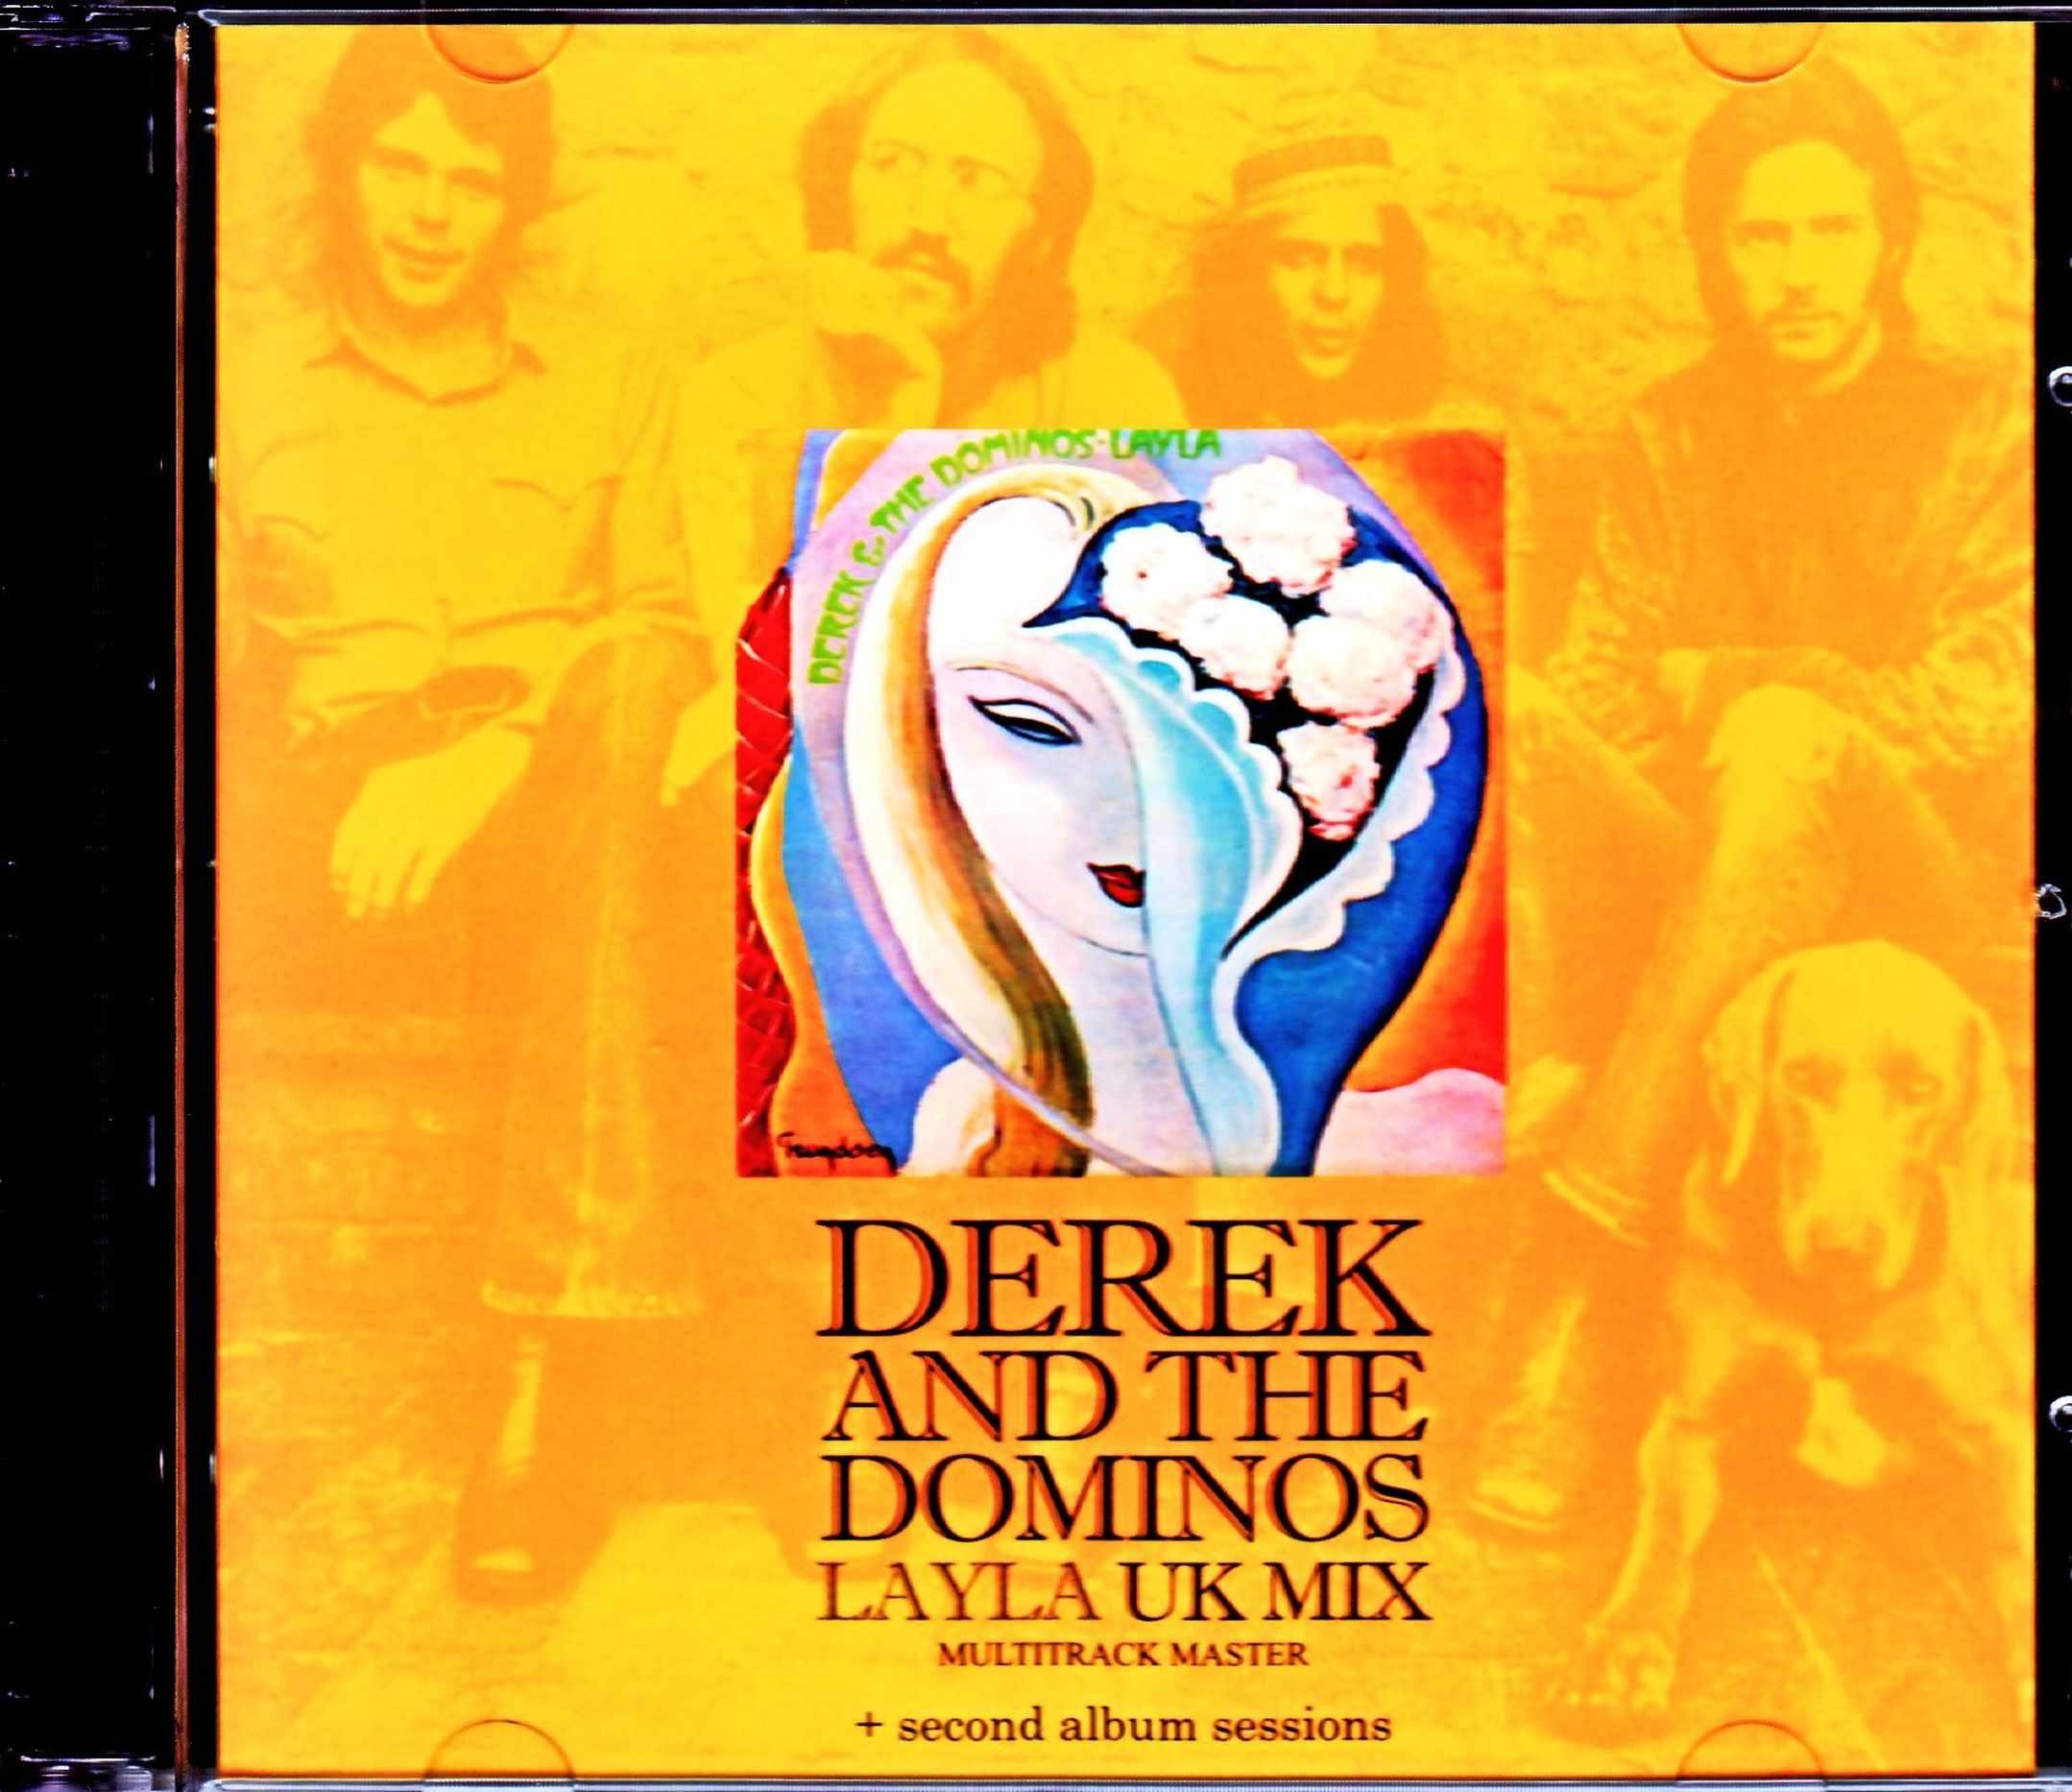 Derek and the Dominos デレク・アンド・ザ・ドミノス/いとしのレイラ Layla UK MIx Multitrack Master